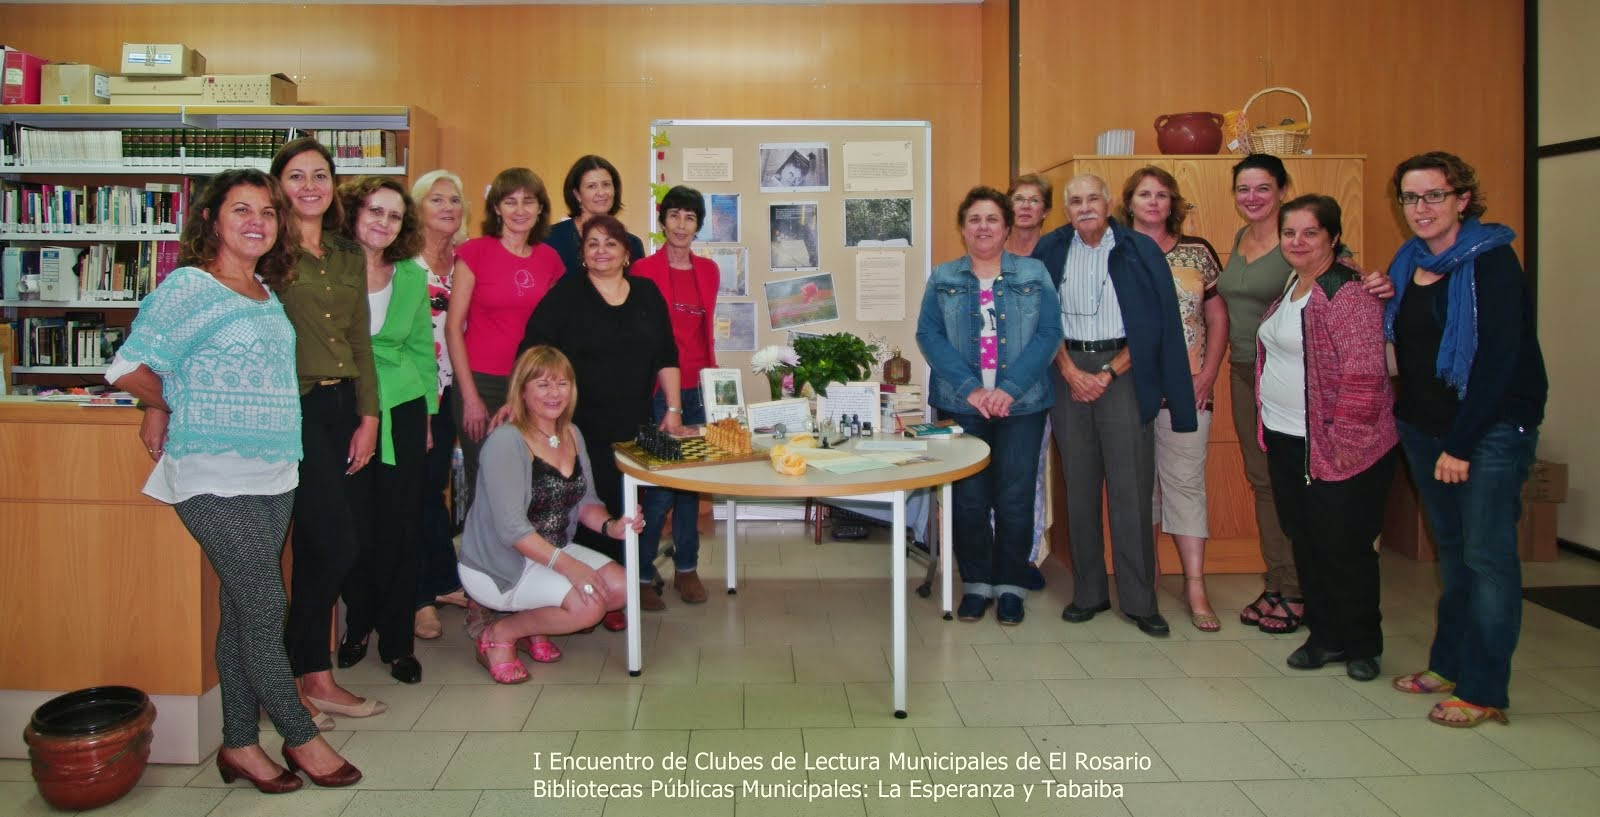 I Encuentro de Clubes de Lectura en El Rosario